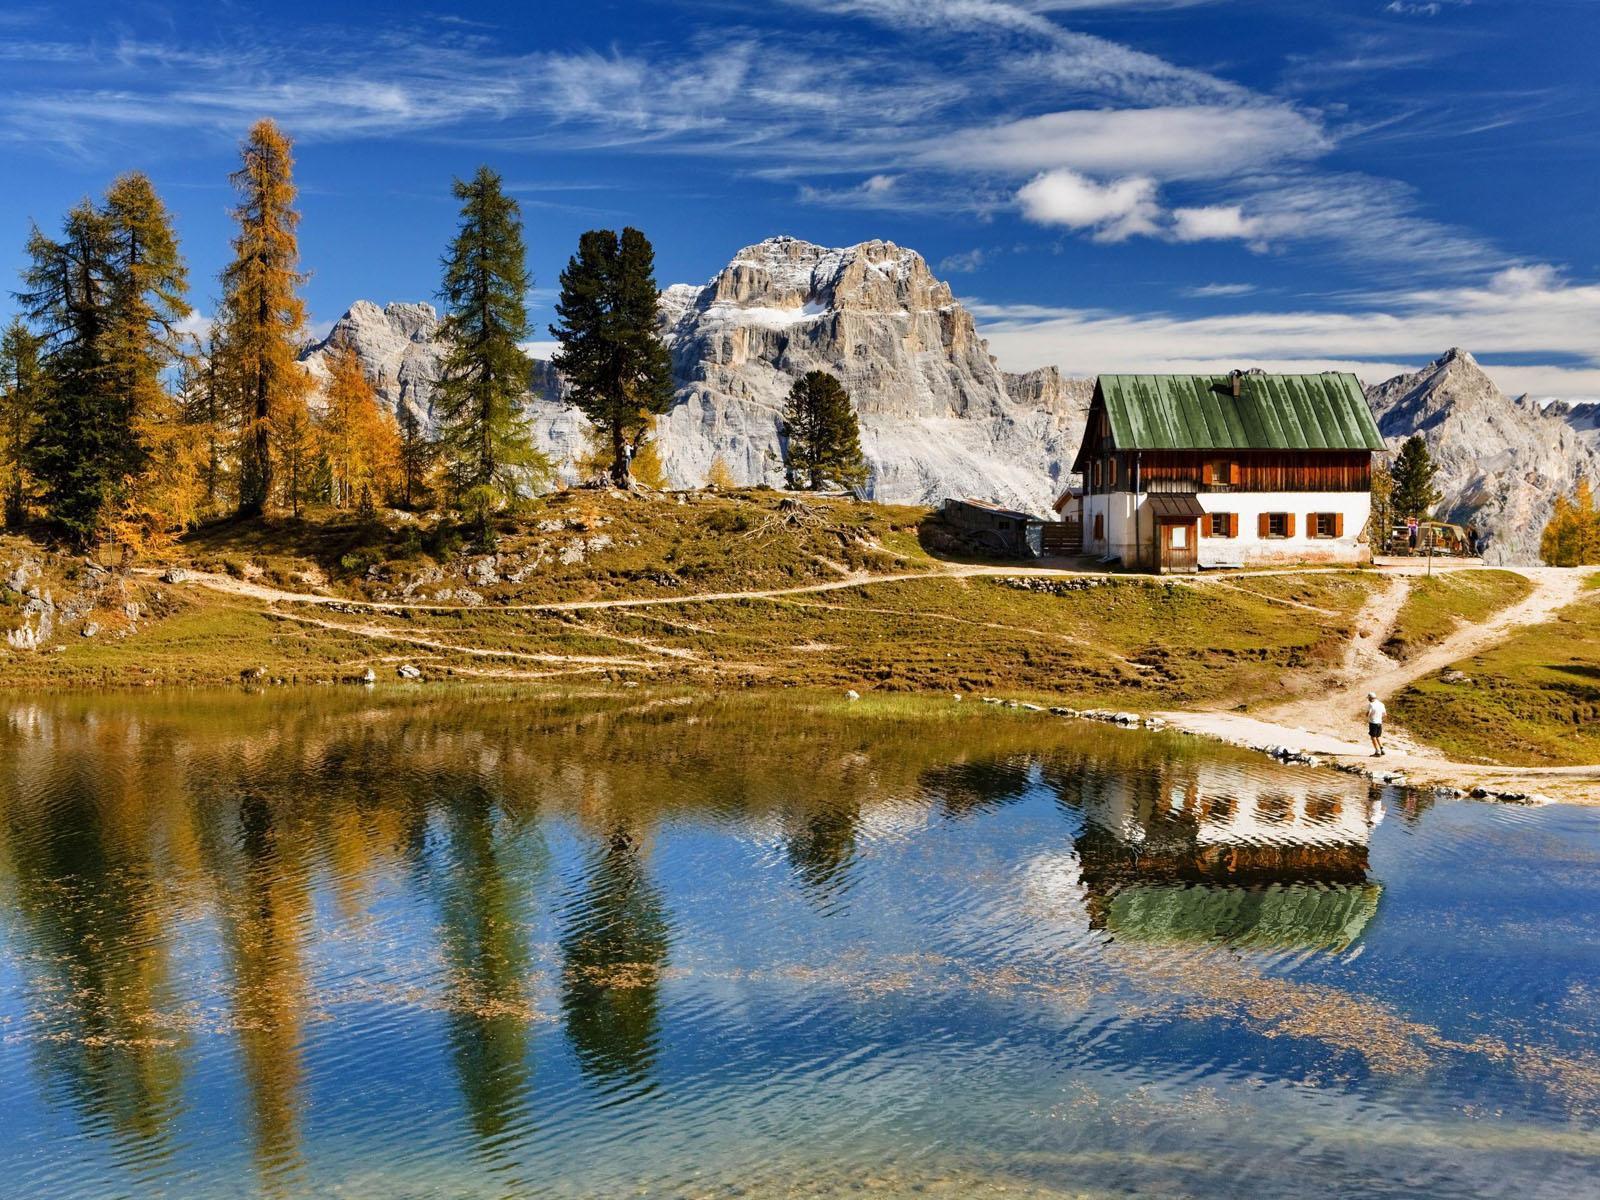 Giro ad anello: Lago Pianoze, Gores de Federa, Malga Federa e Rifugio Palmieri alla Croda da Lago